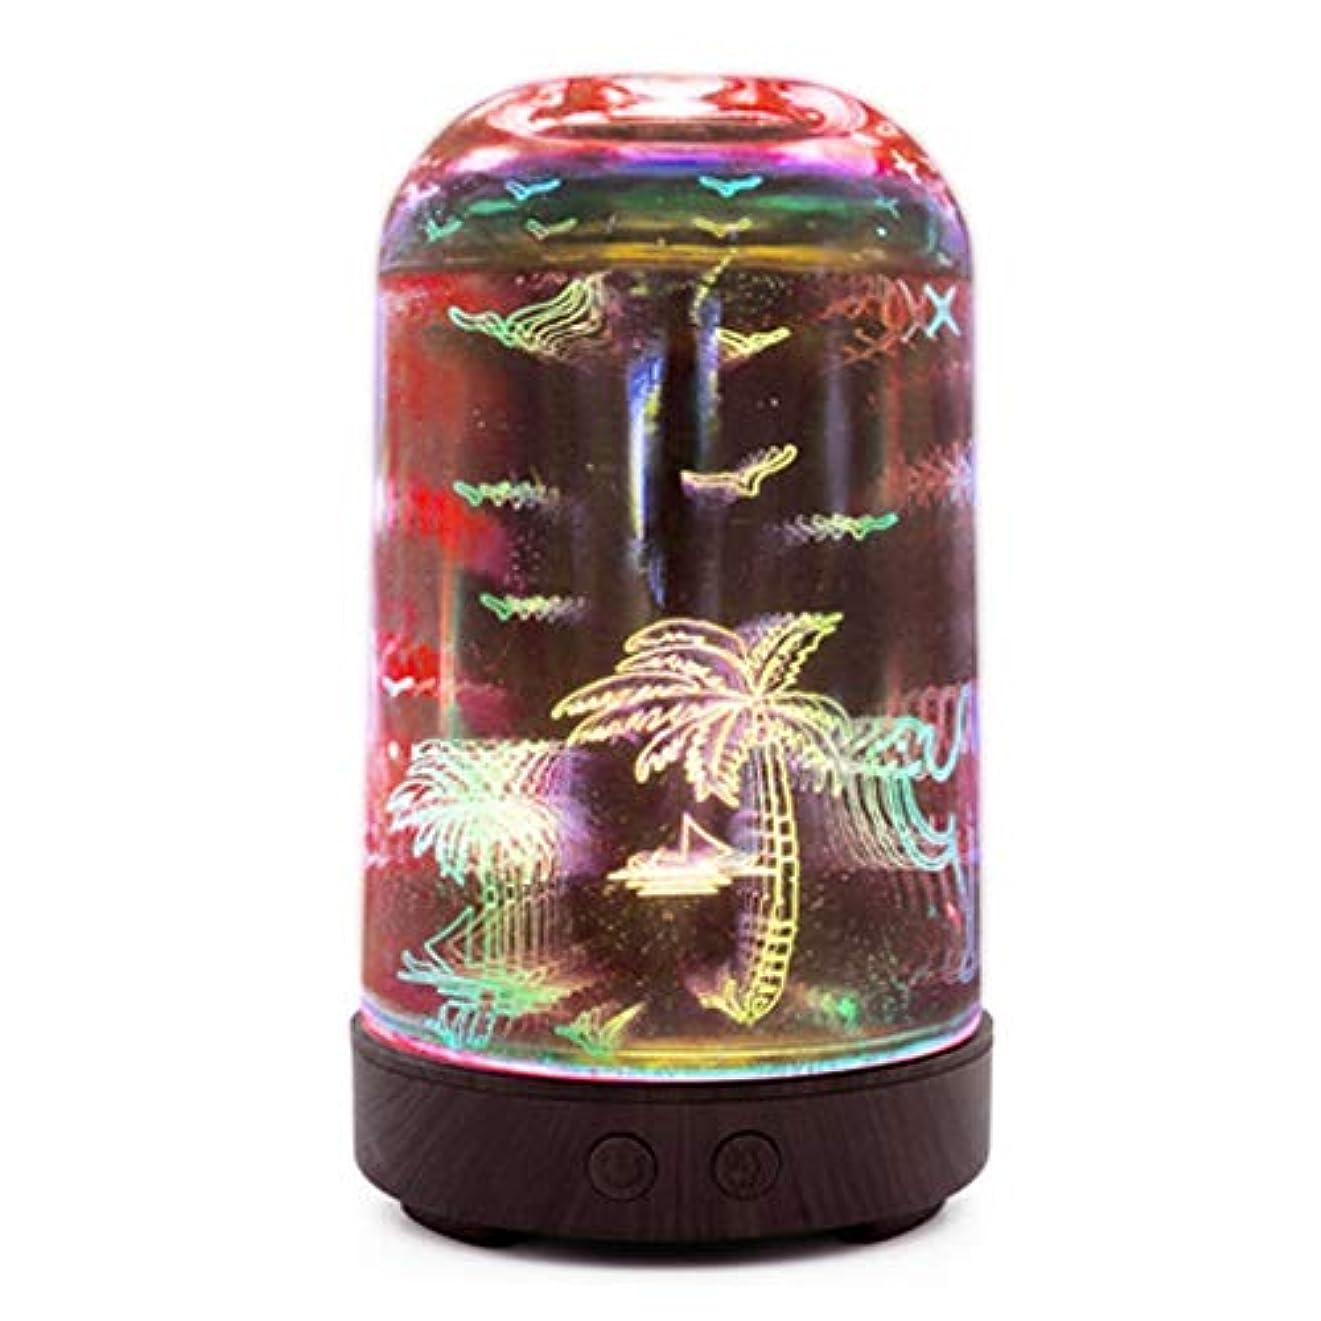 助けになる整然とした維持するすばらしいLEDライト、便利な自動操業停止および大きい水漕が付いている3Dガラス100mlギャラクシー優れた超音波加湿器 (Color : Coconut tree)